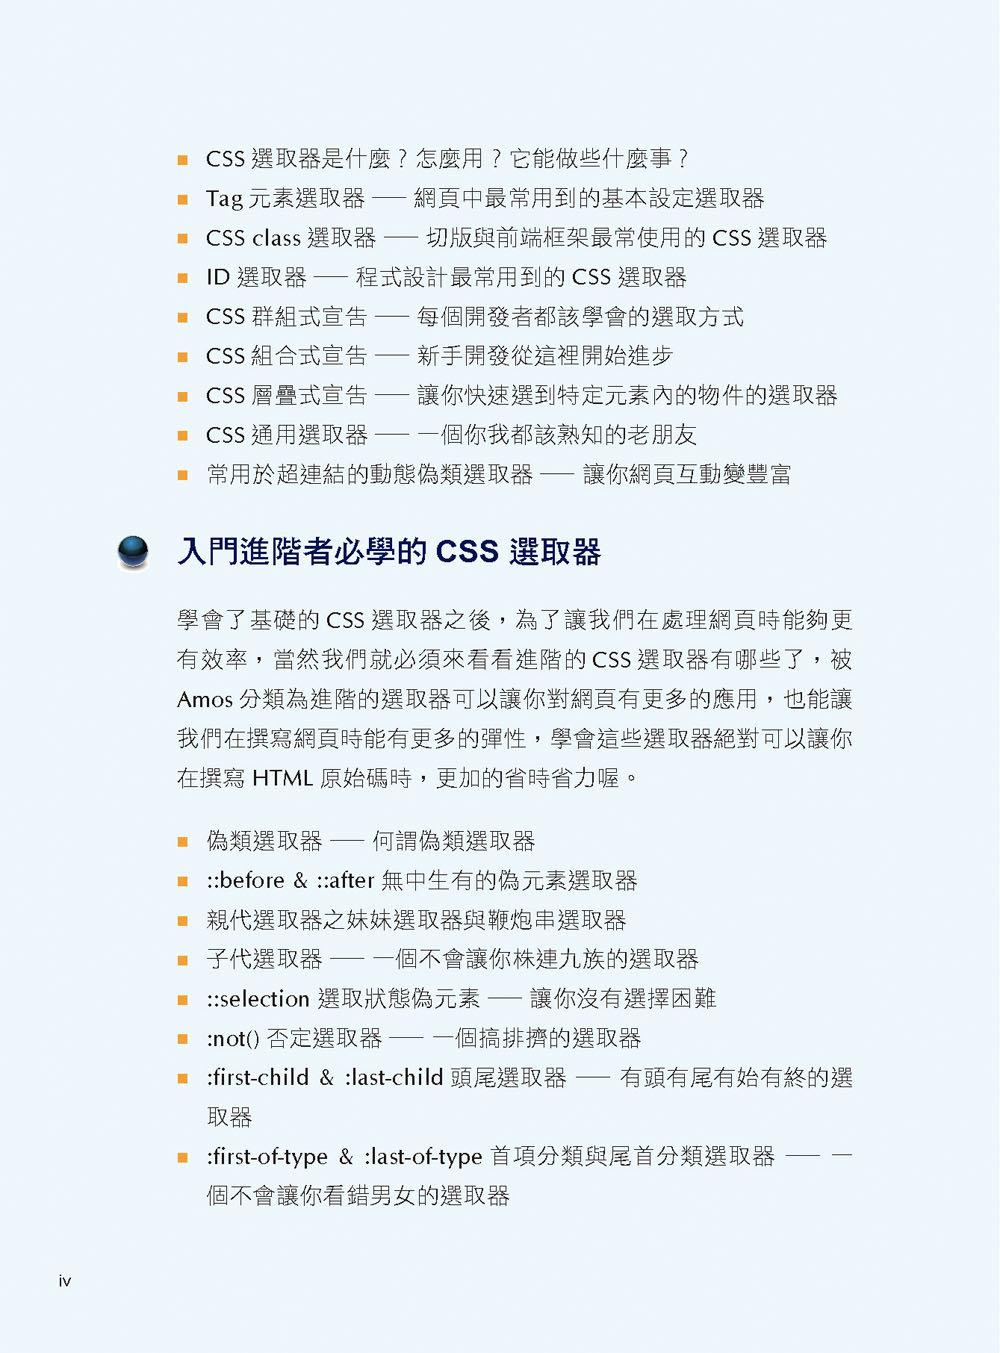 金魚都能懂的 CSS 選取器:金魚都能懂了你還怕學不會嗎(iT邦幫忙鐵人賽系列書)-preview-5